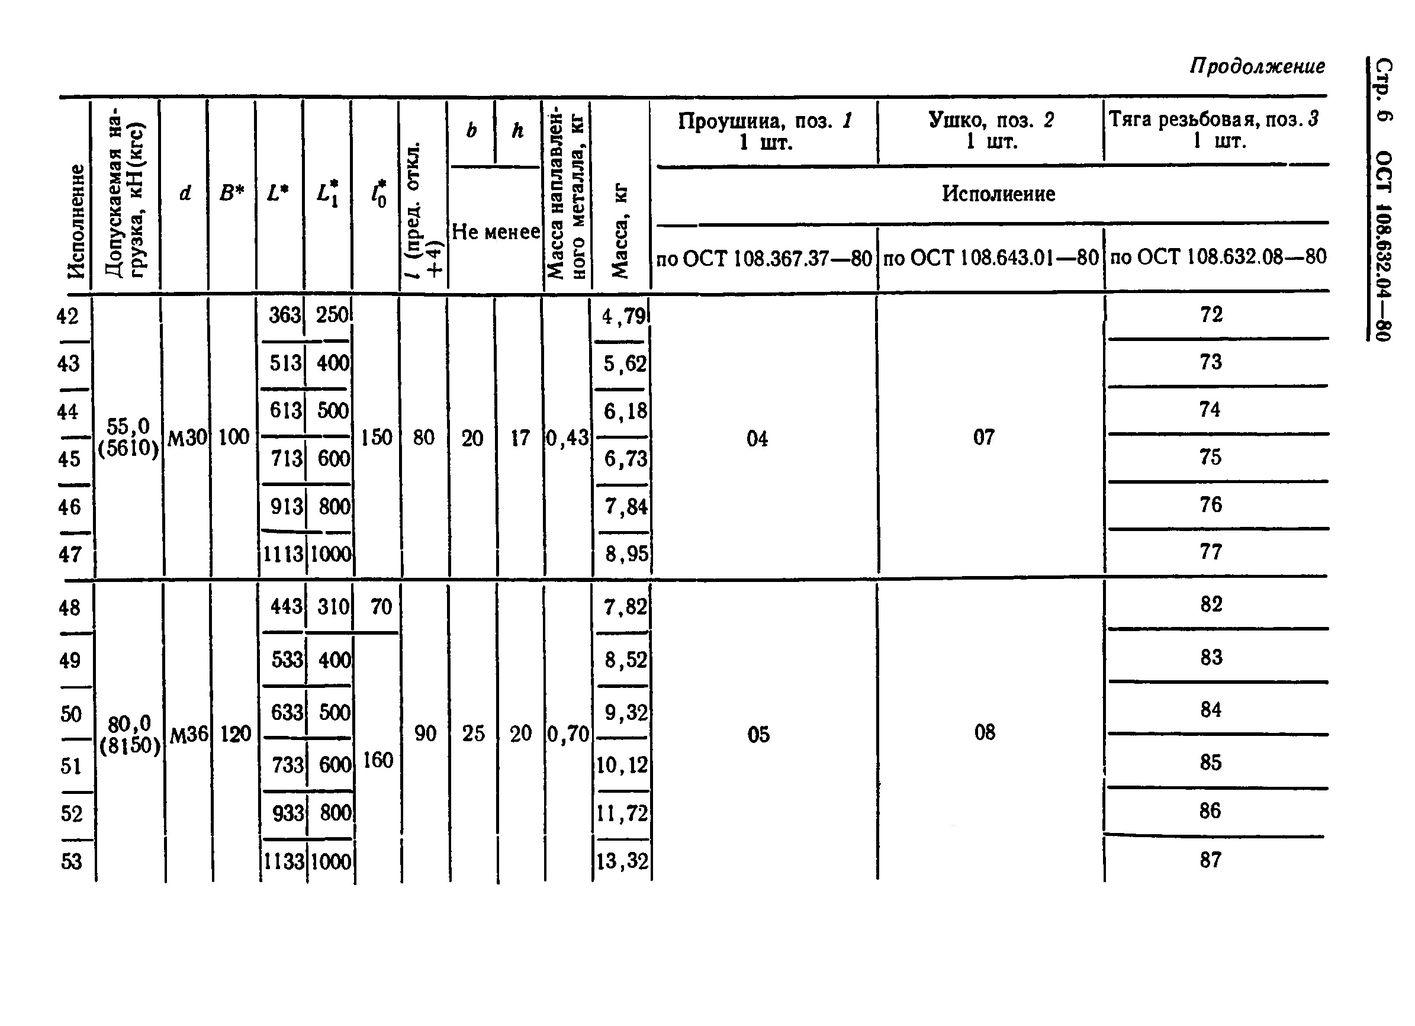 Тяги резьбовые с проушиной ОСТ 108.632.04-80 стр.6